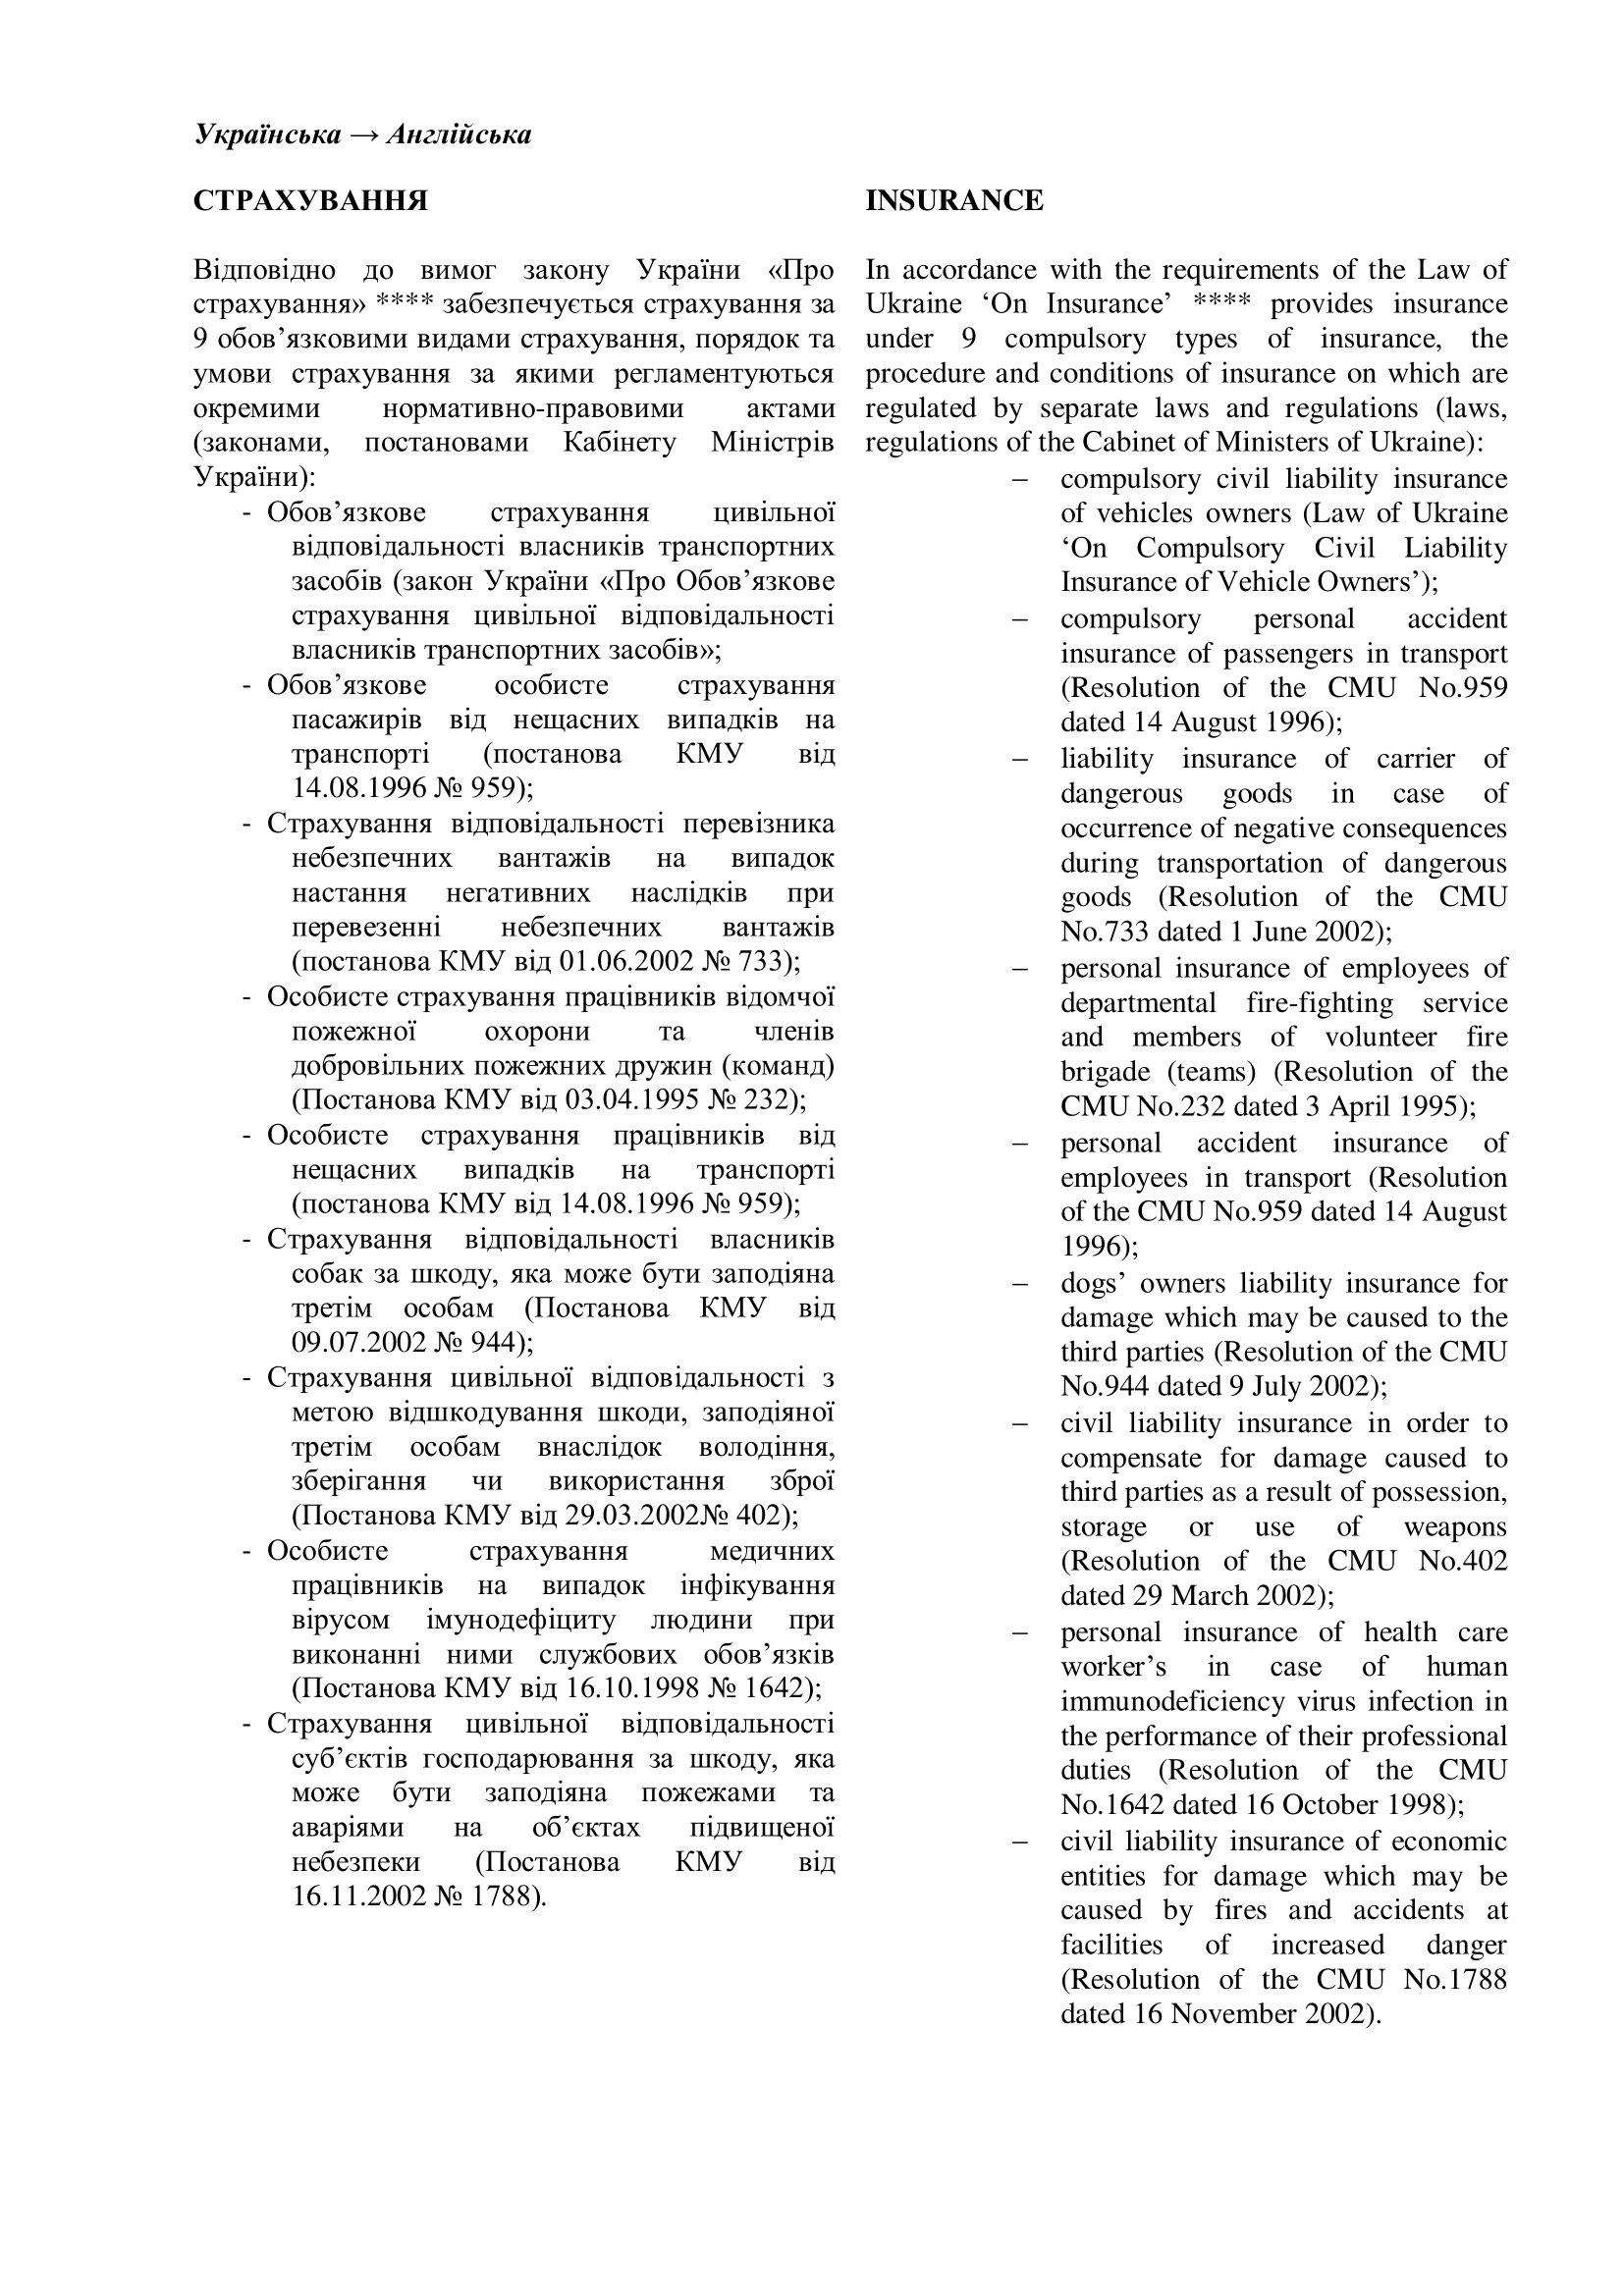 Фото Перевод информации о страховании с украинского на английский